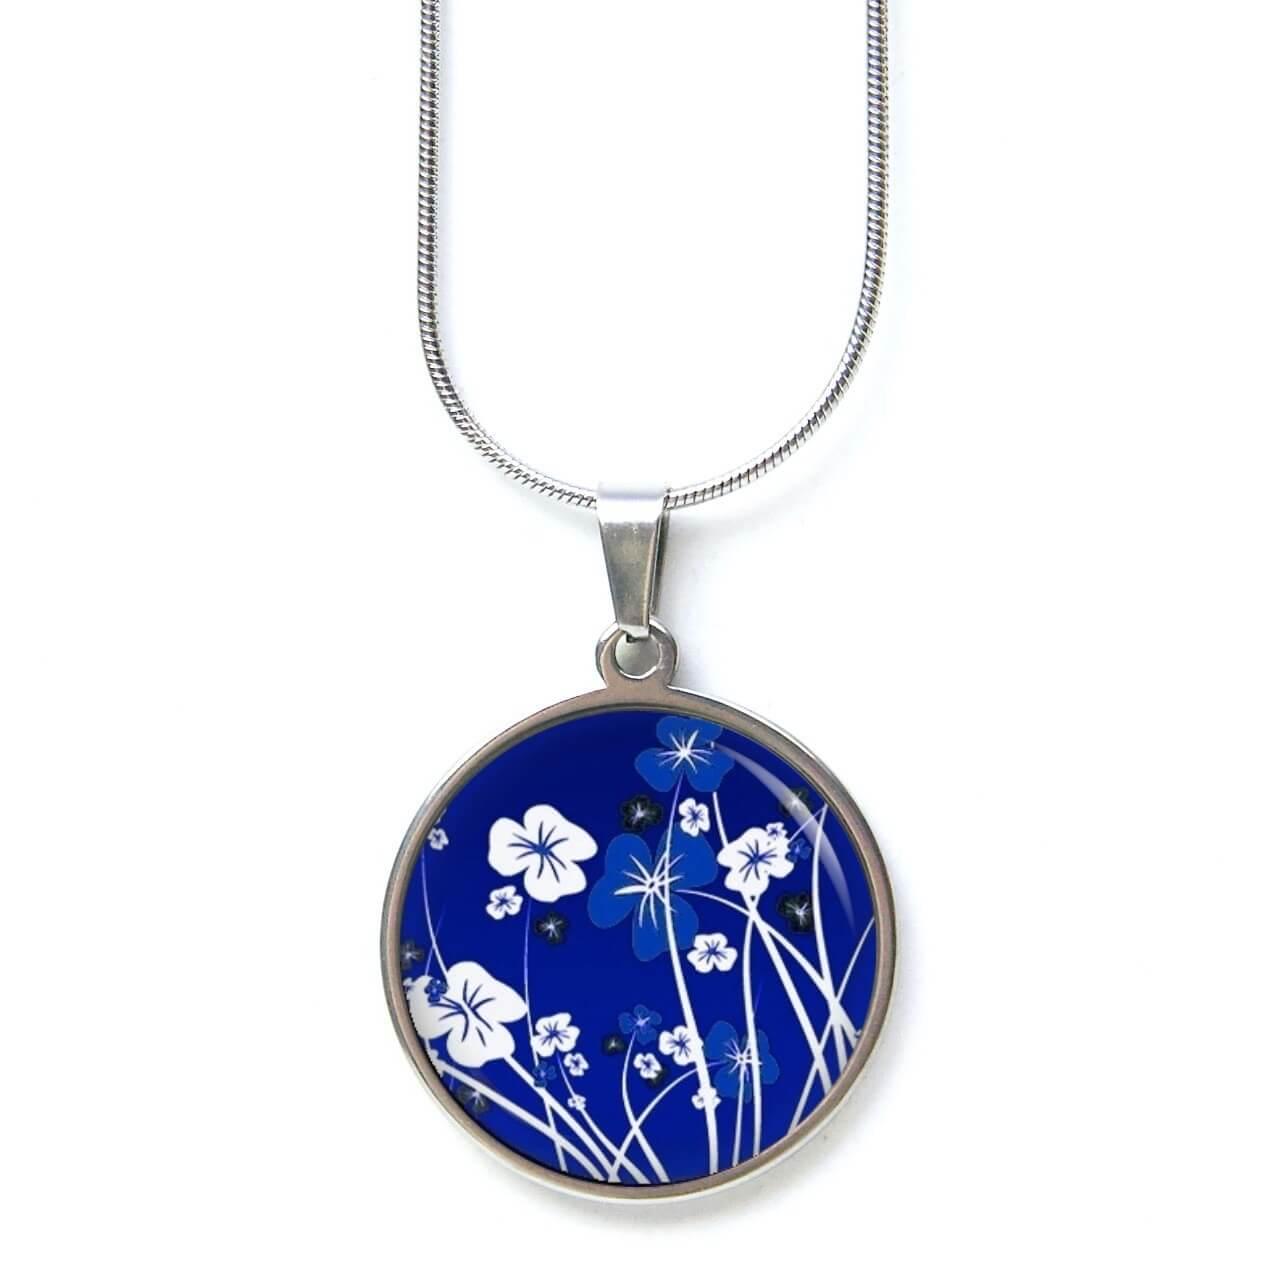 Edelstahl Kette dunkelblaue Blumen Wiese bei Nacht